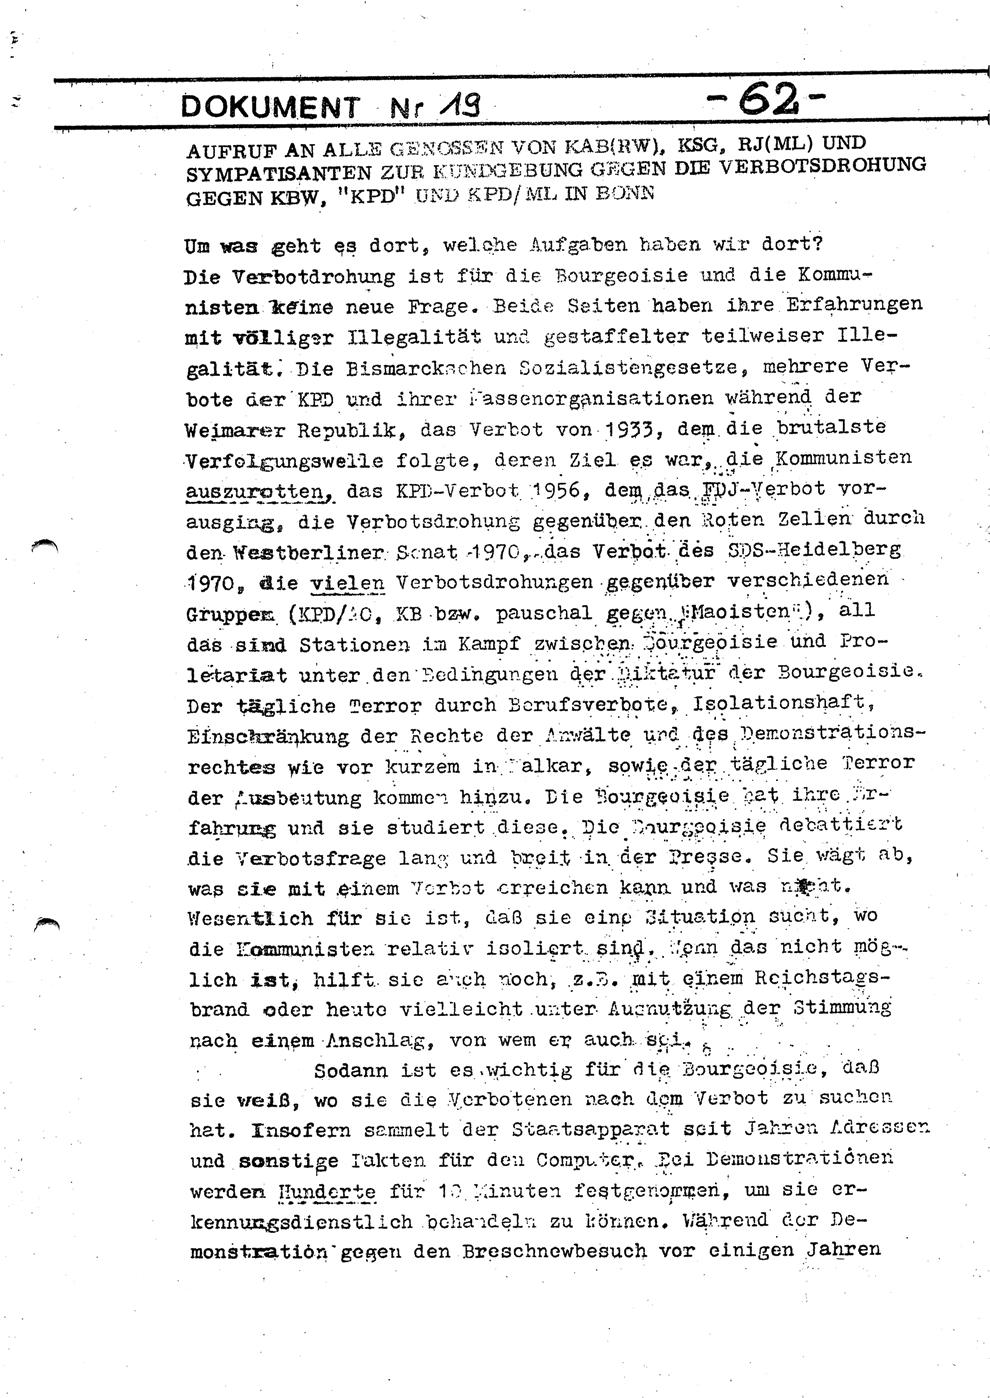 KABRW_Arbeitshefte_1977_24_062